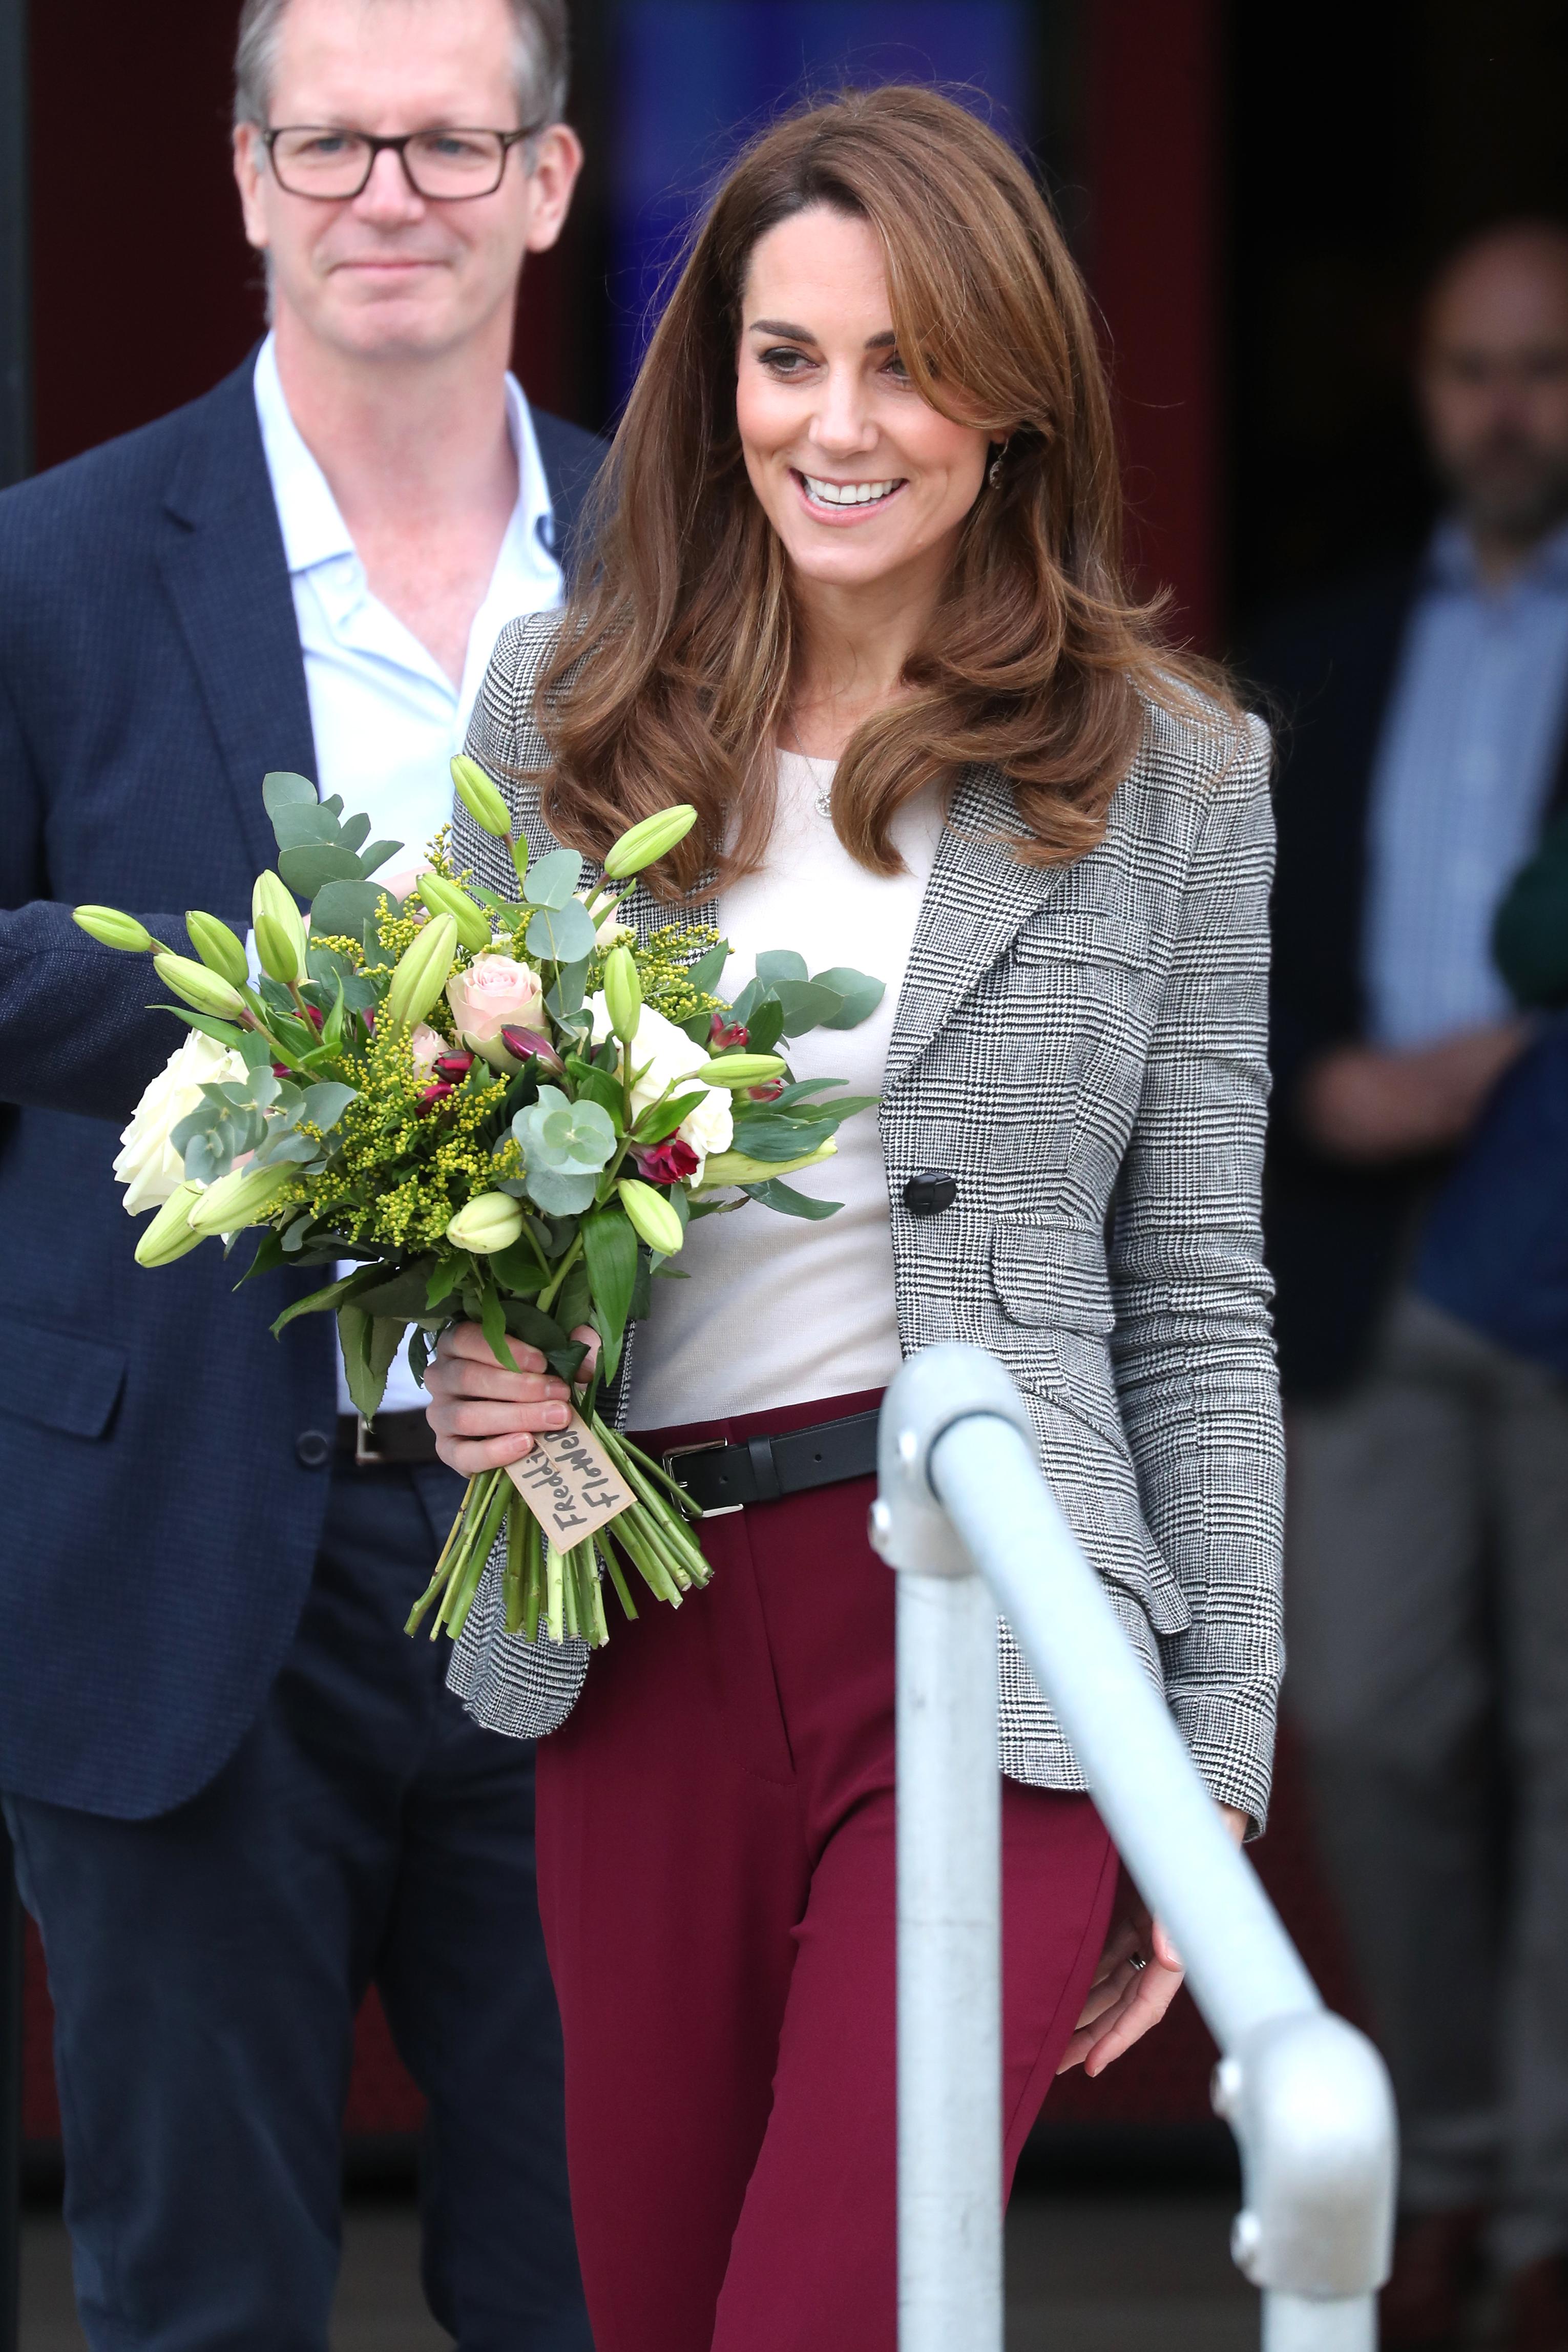 <p>Кейт и принц Уилям присъстваха във вторник на събитие към благотворителна организация, на която са патрон. Вместо с рокля, както по-често виждаме Кейт, херцогинята&nbsp;пристигна с панталон в цвят бургунди, който съчета с бяла блуза и сив блейзър. Кейт бе заложила на черни обувки с дебел ток, които допълни с черен колан</p>